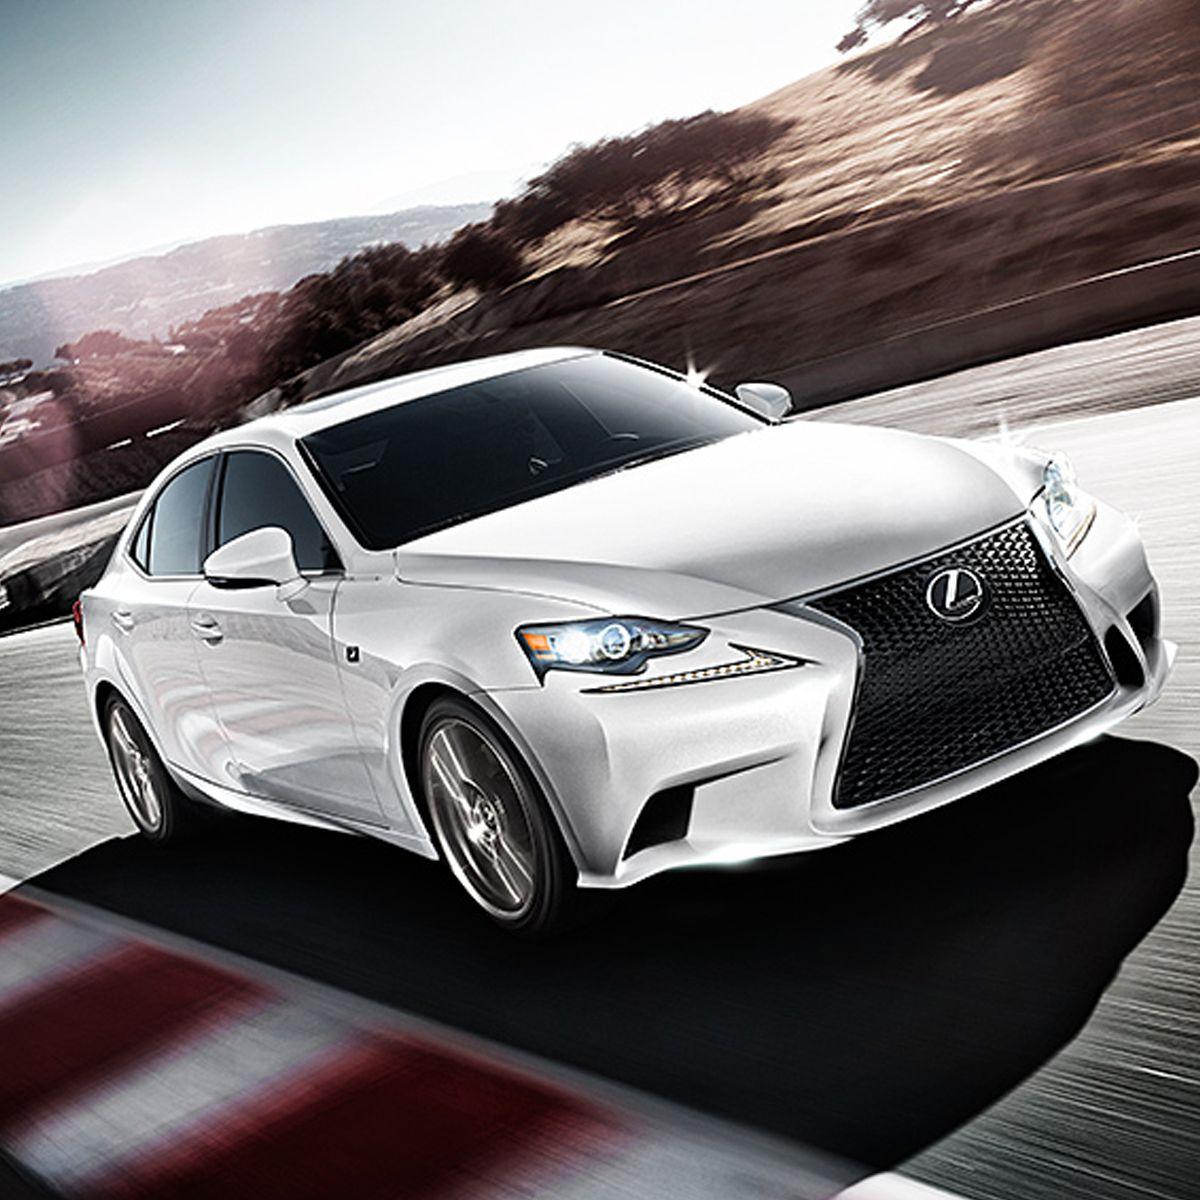 Lexus IS F Sport Lexus models, Lexus